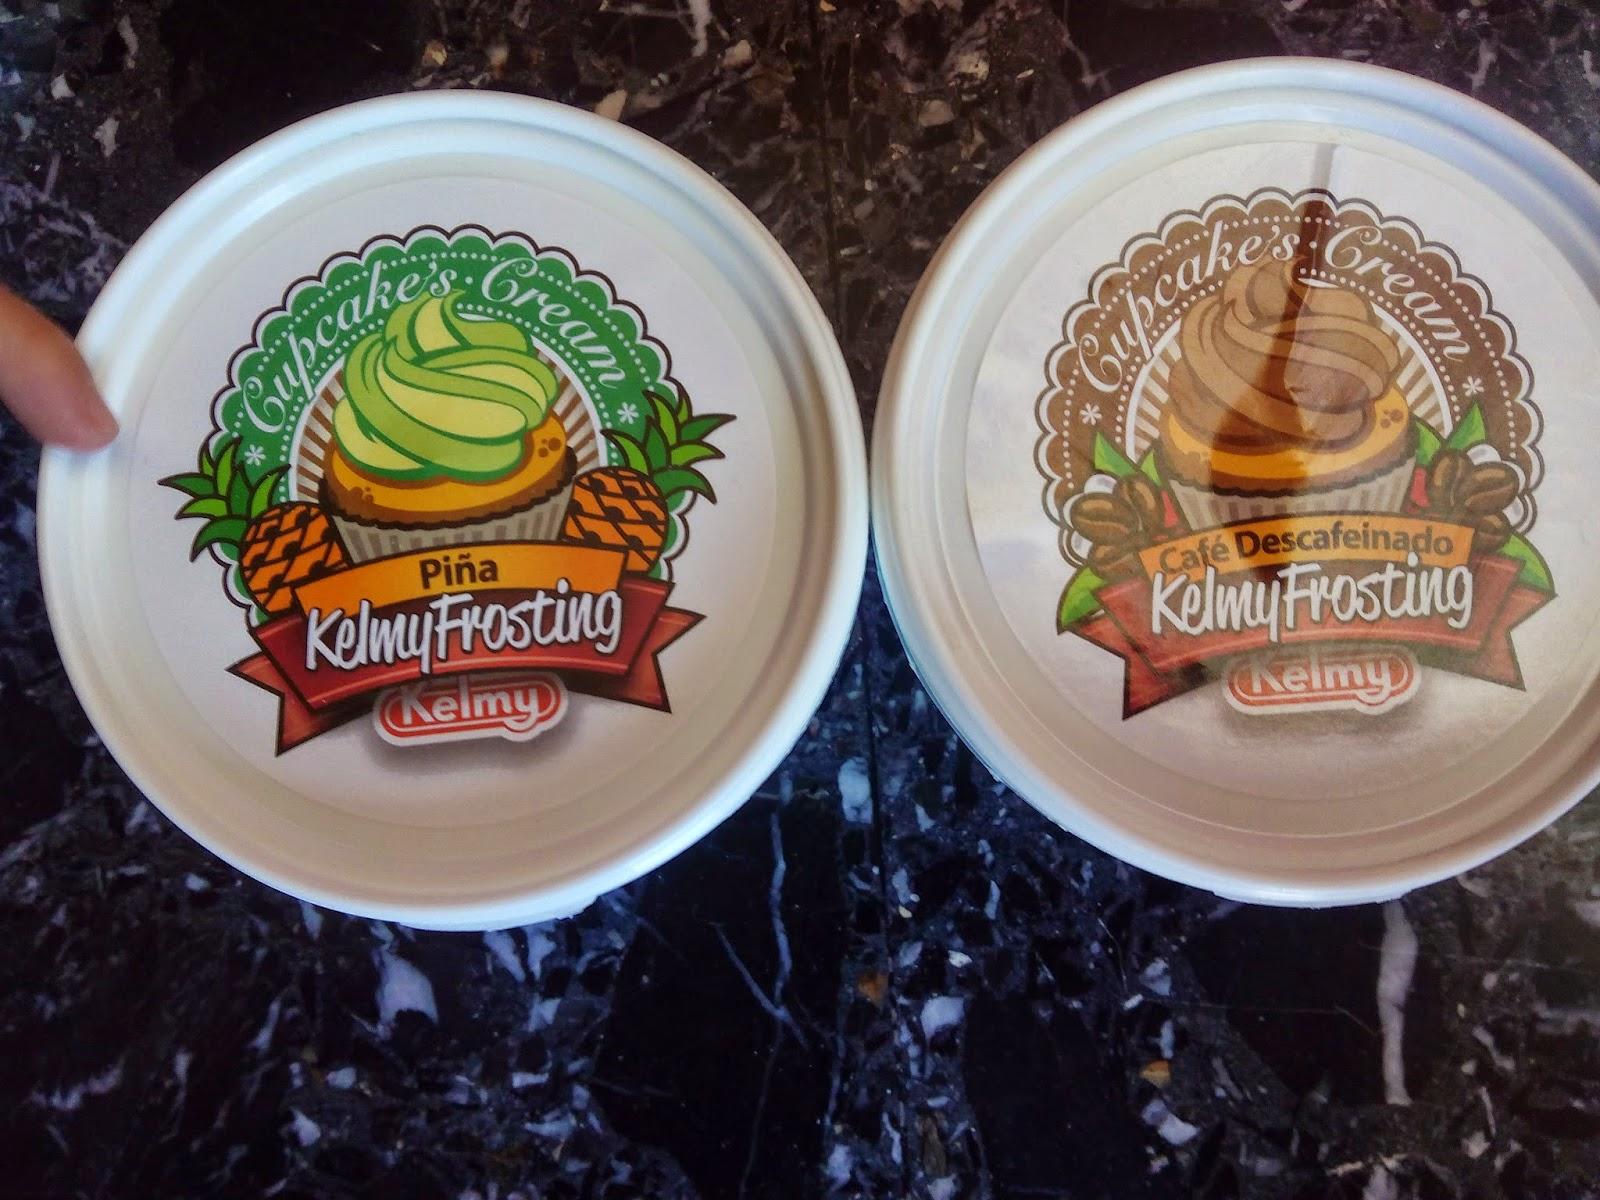 Frosting de piña y café descafeinado